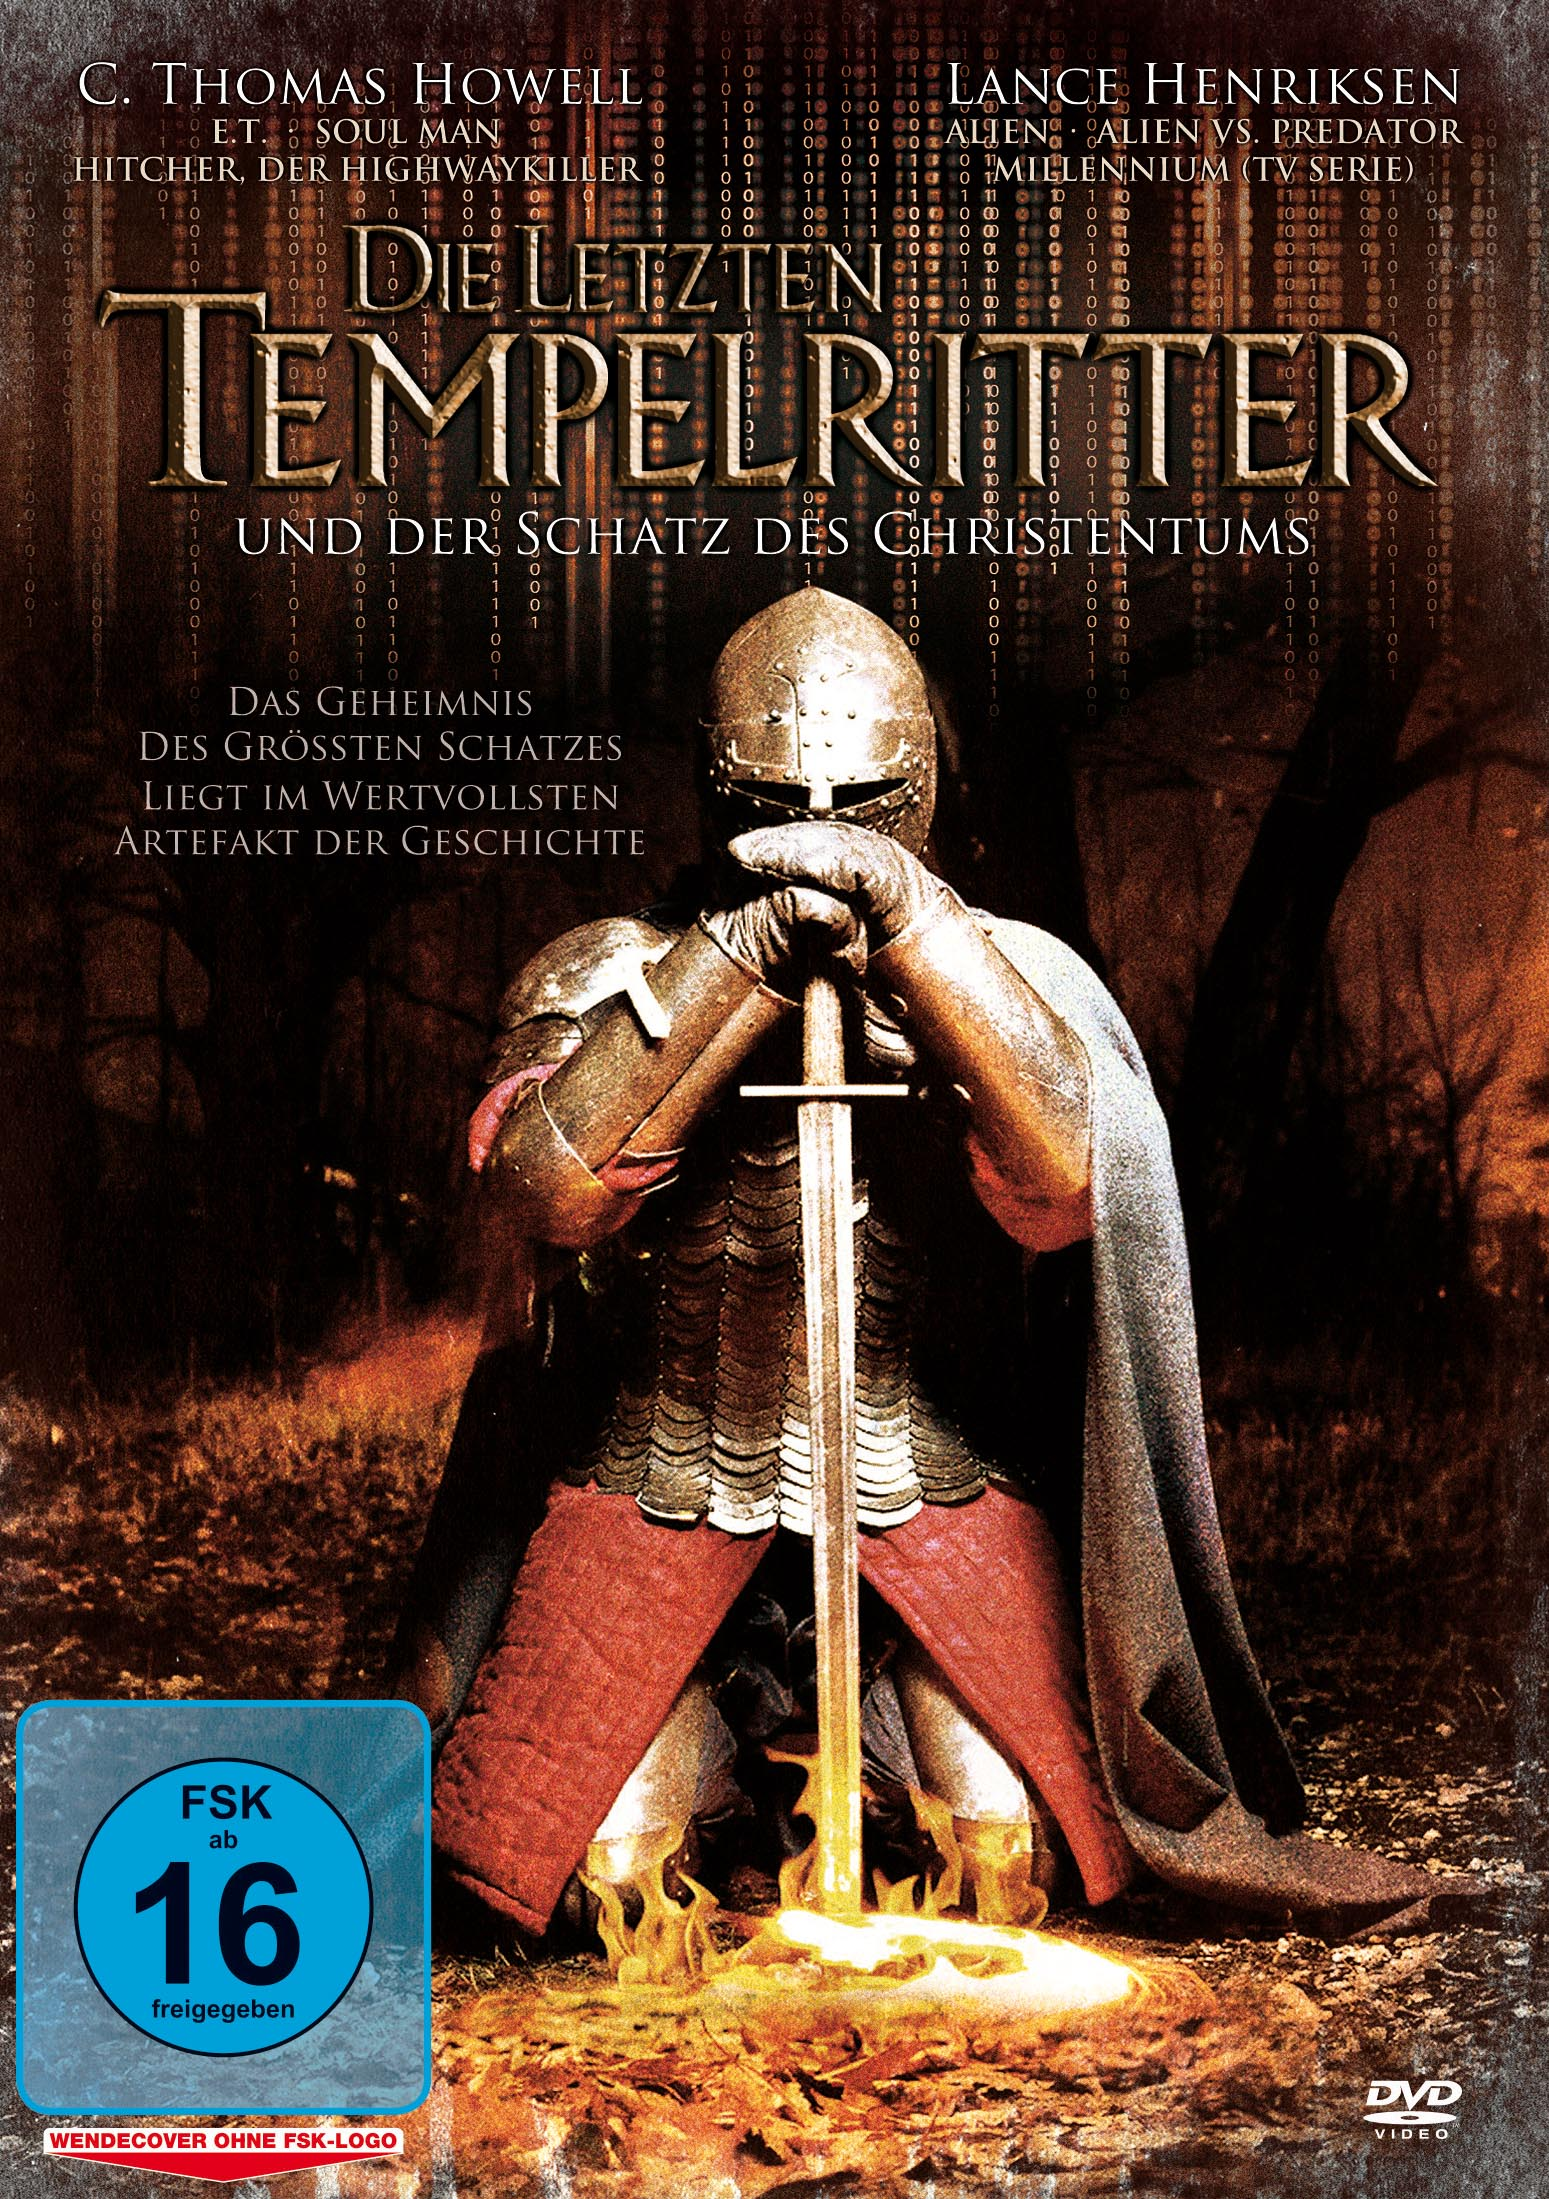 Die letzten Tempelritter und der Schatz des Christentums DVD Cover